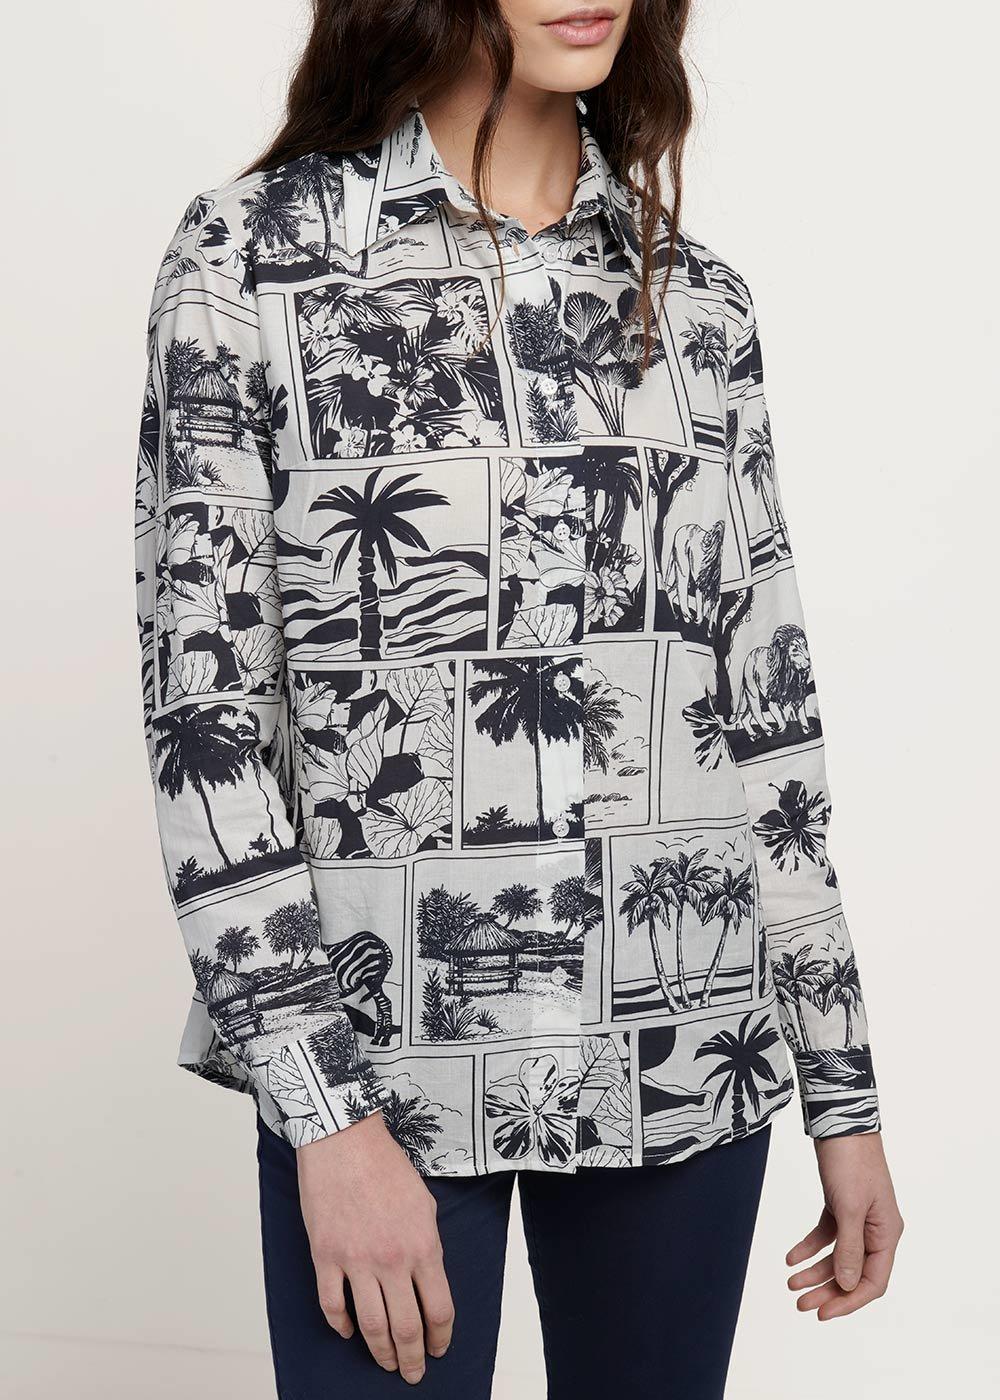 Camicia modello Alessia stampa fumetto - Navy White Fantasia - Donna